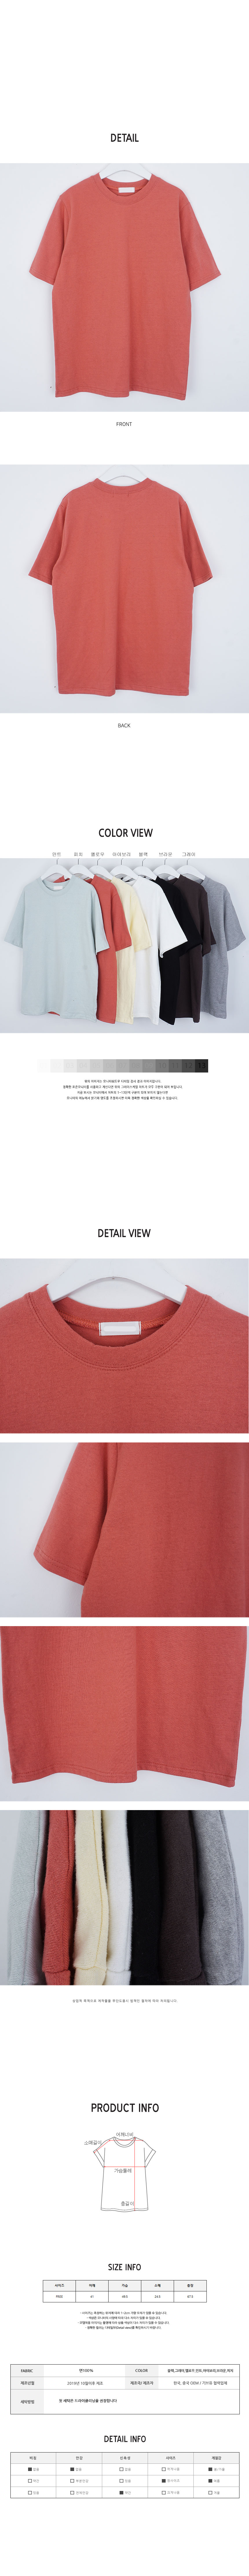 Darby Peach T-shirt